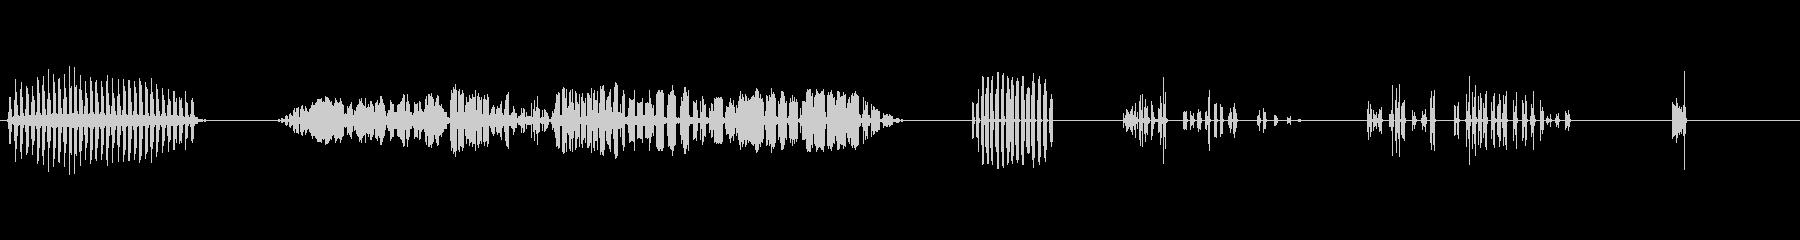 鷹の未再生の波形